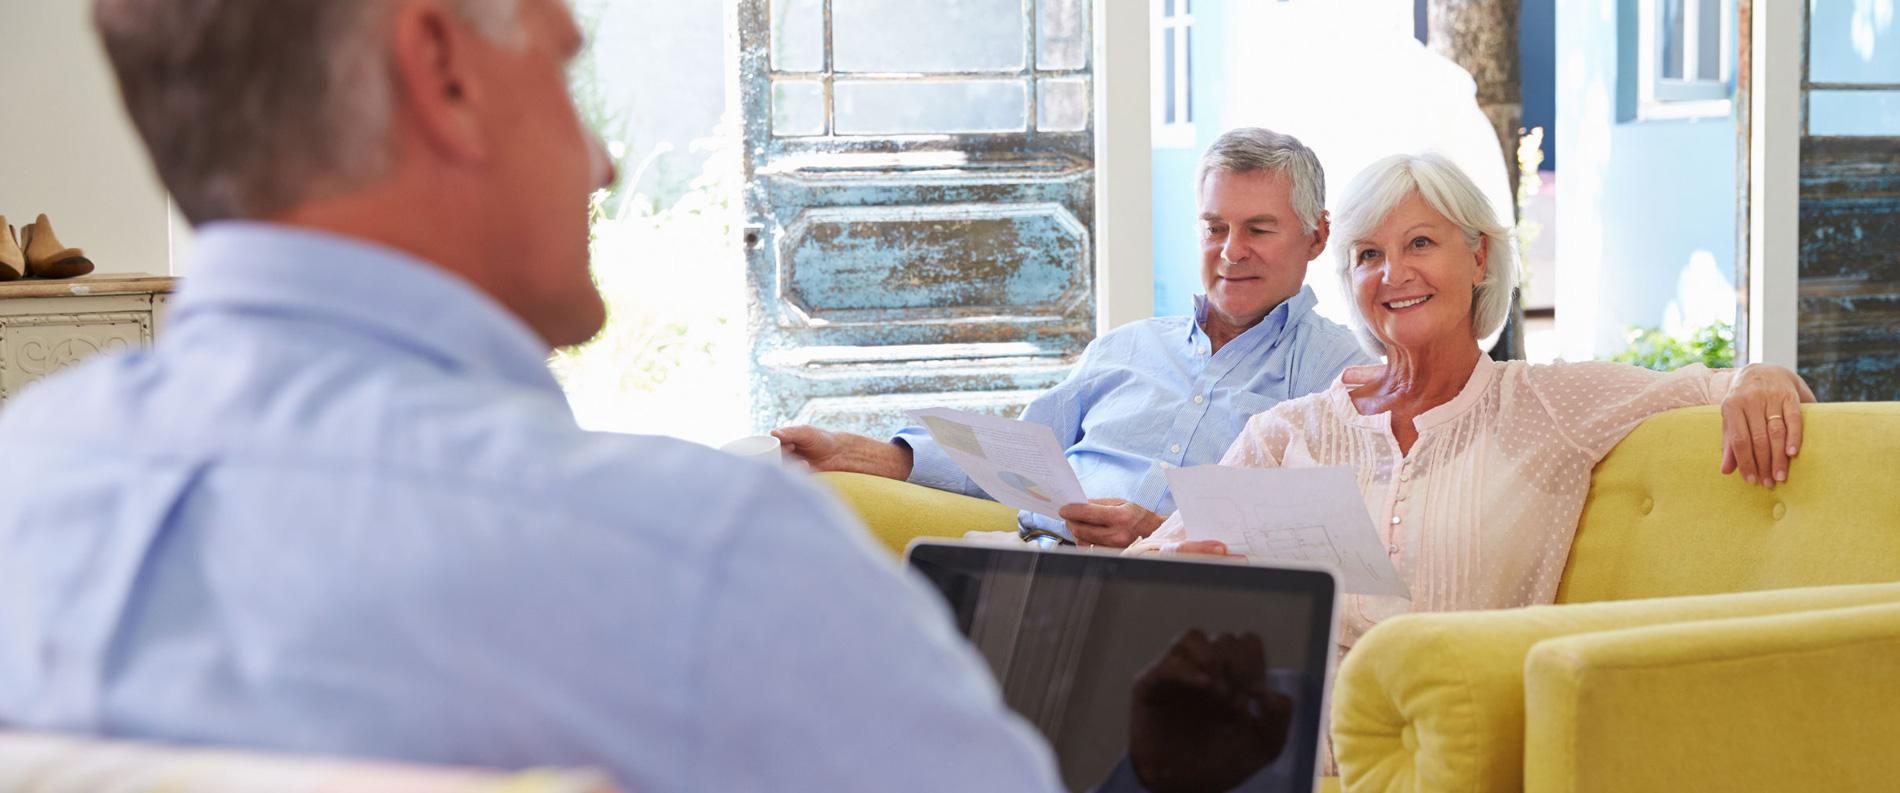 dienstleister versicherung steuern recht in korschenbroich das stadtjournal. Black Bedroom Furniture Sets. Home Design Ideas